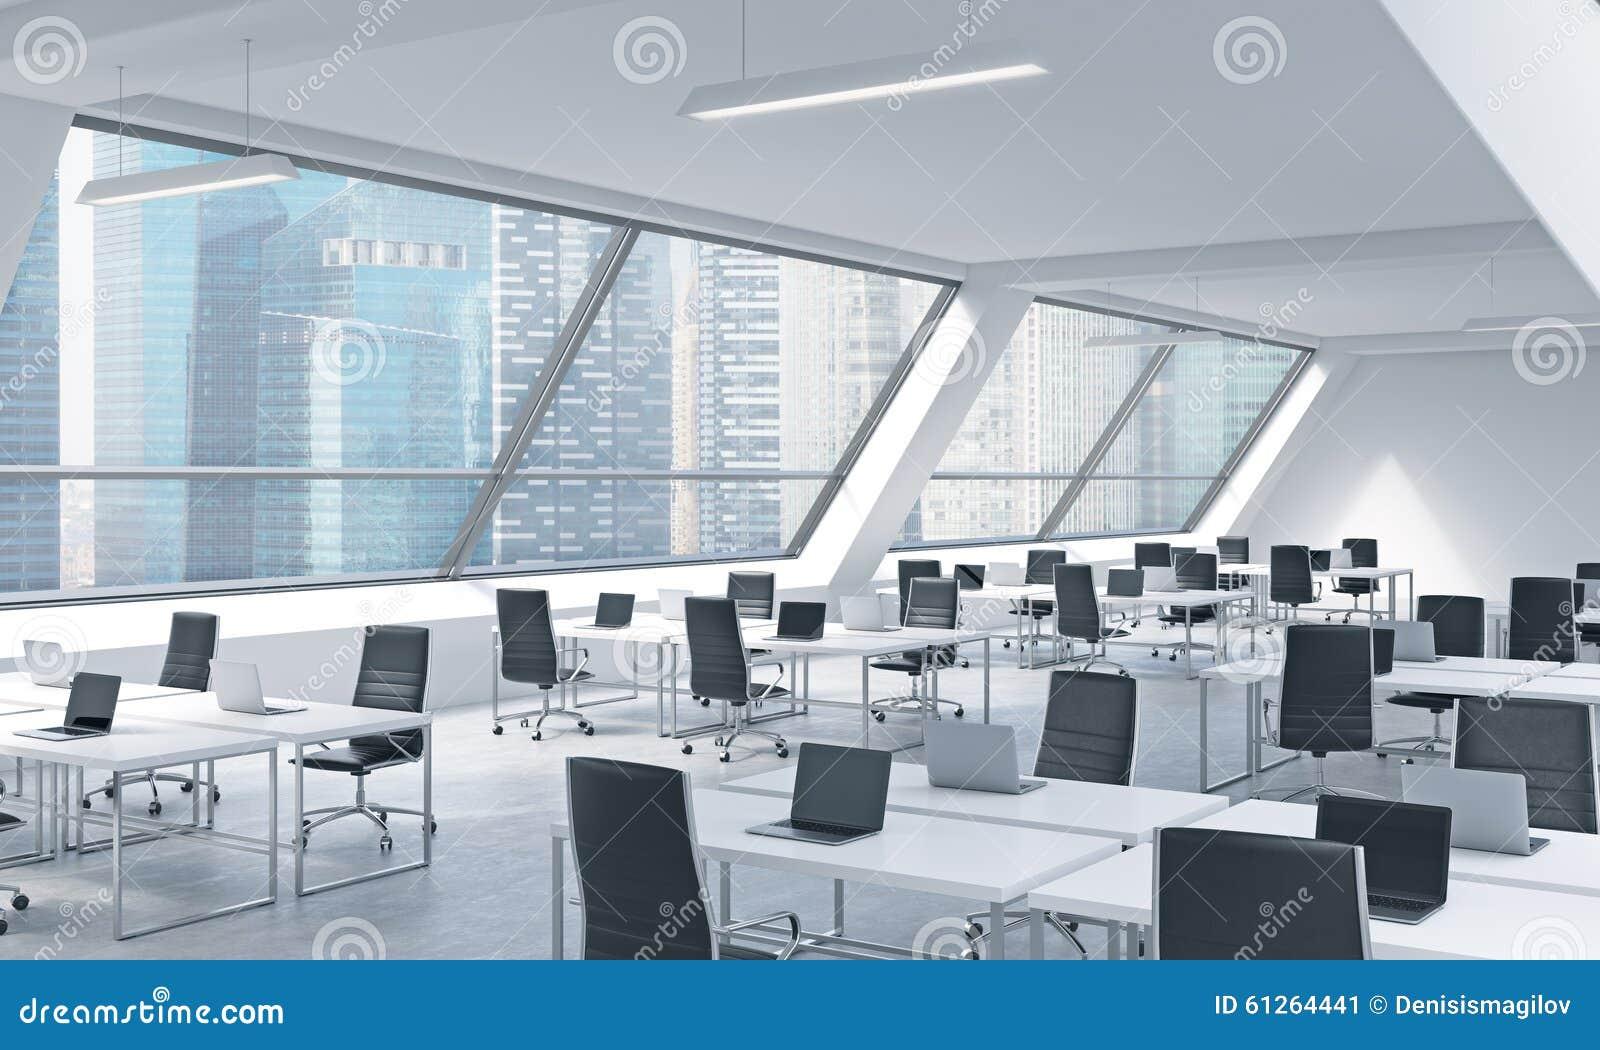 一个明亮的现代露天场所的工作场所向高处发射办公室 现代膝上型计算机和黑椅子装备的白色桌